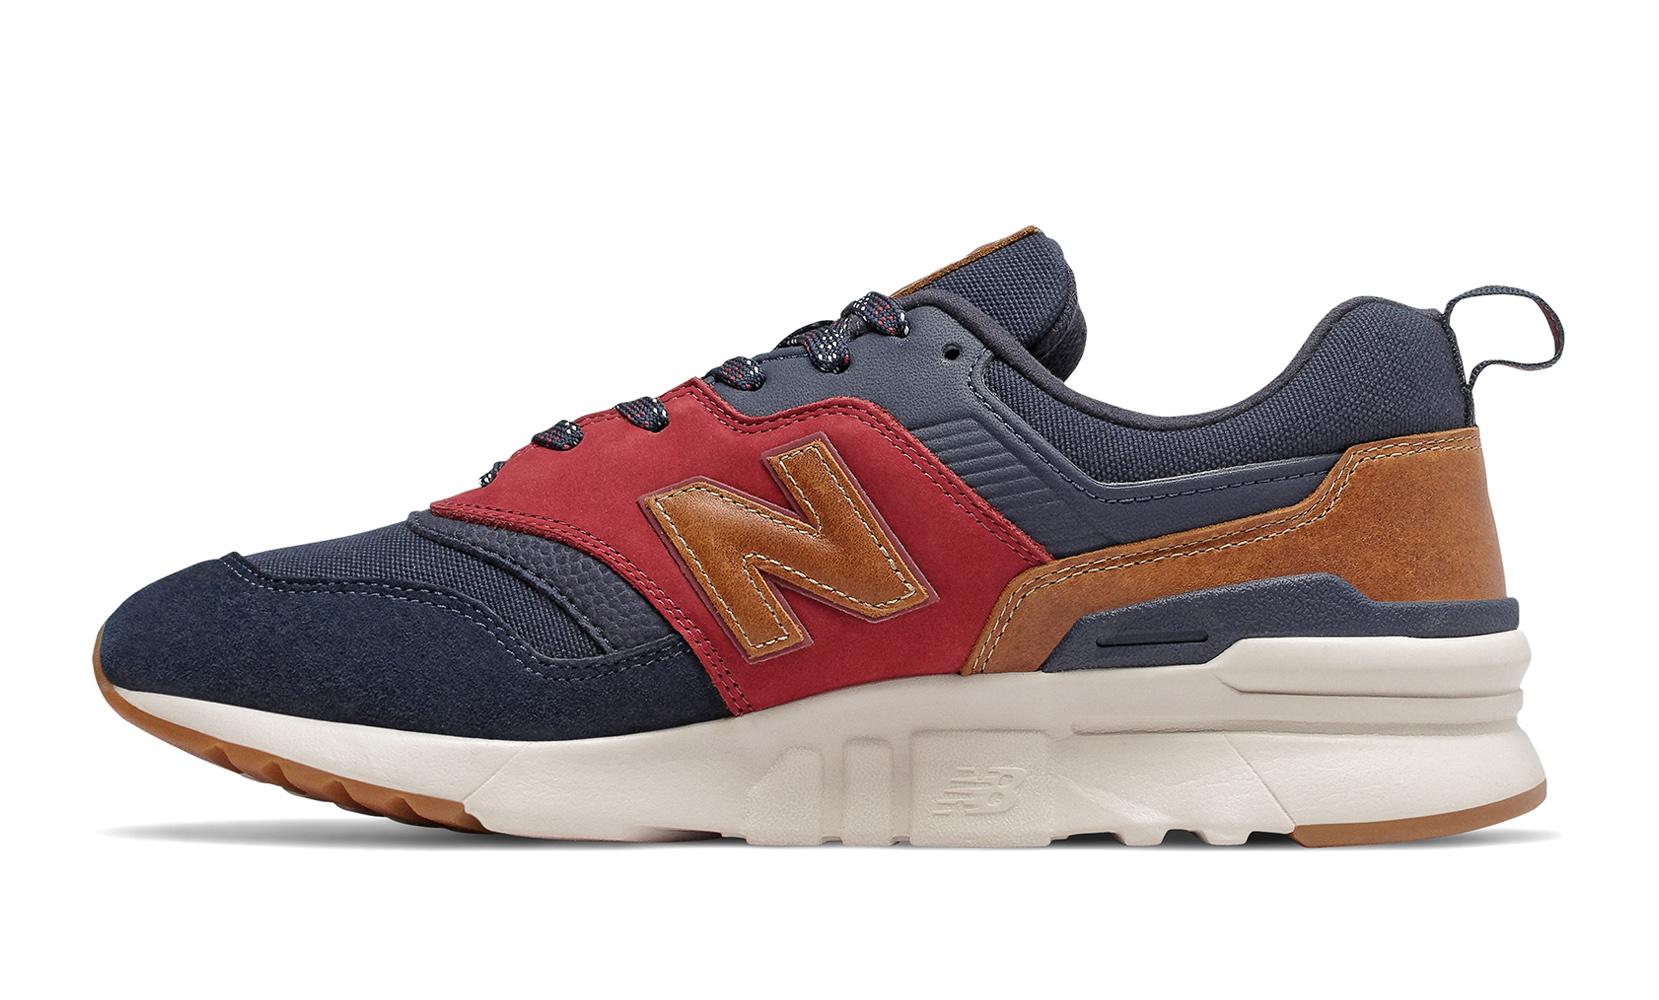 Чоловіче взуття повсякденне New Balance 997Н CM997HDT | New Balance